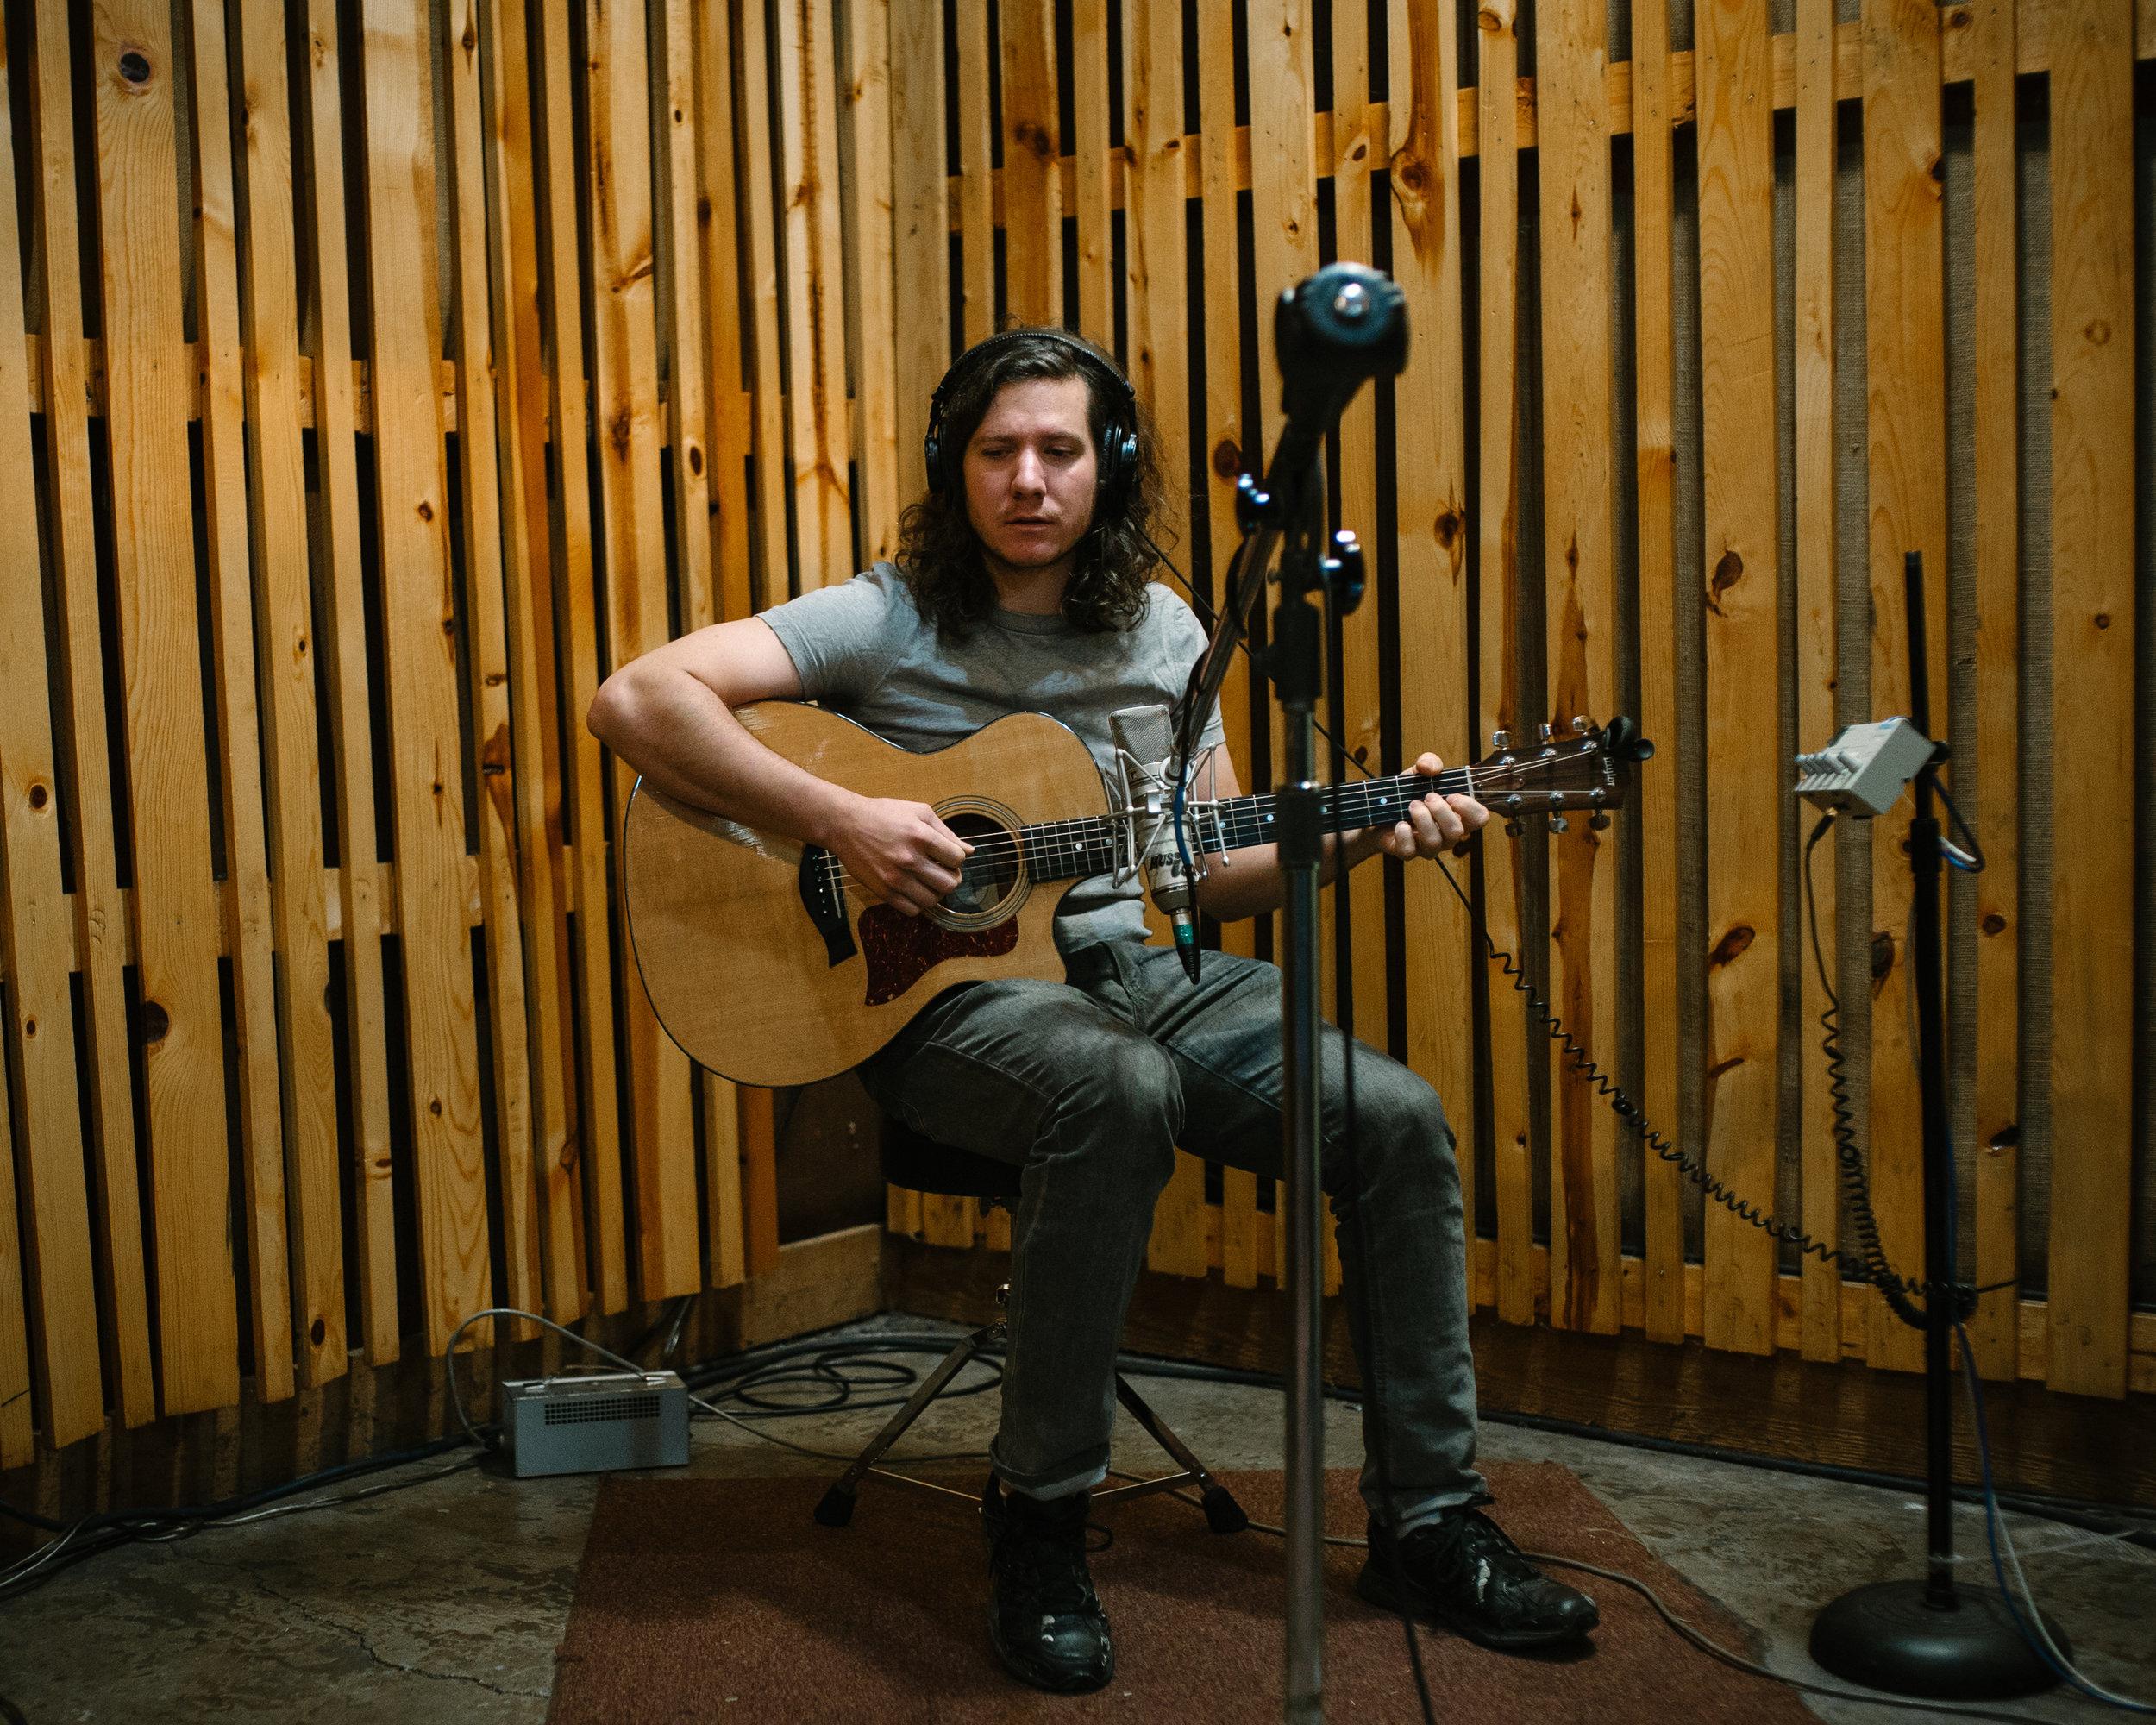 Kirk at Musicol Recording Studio